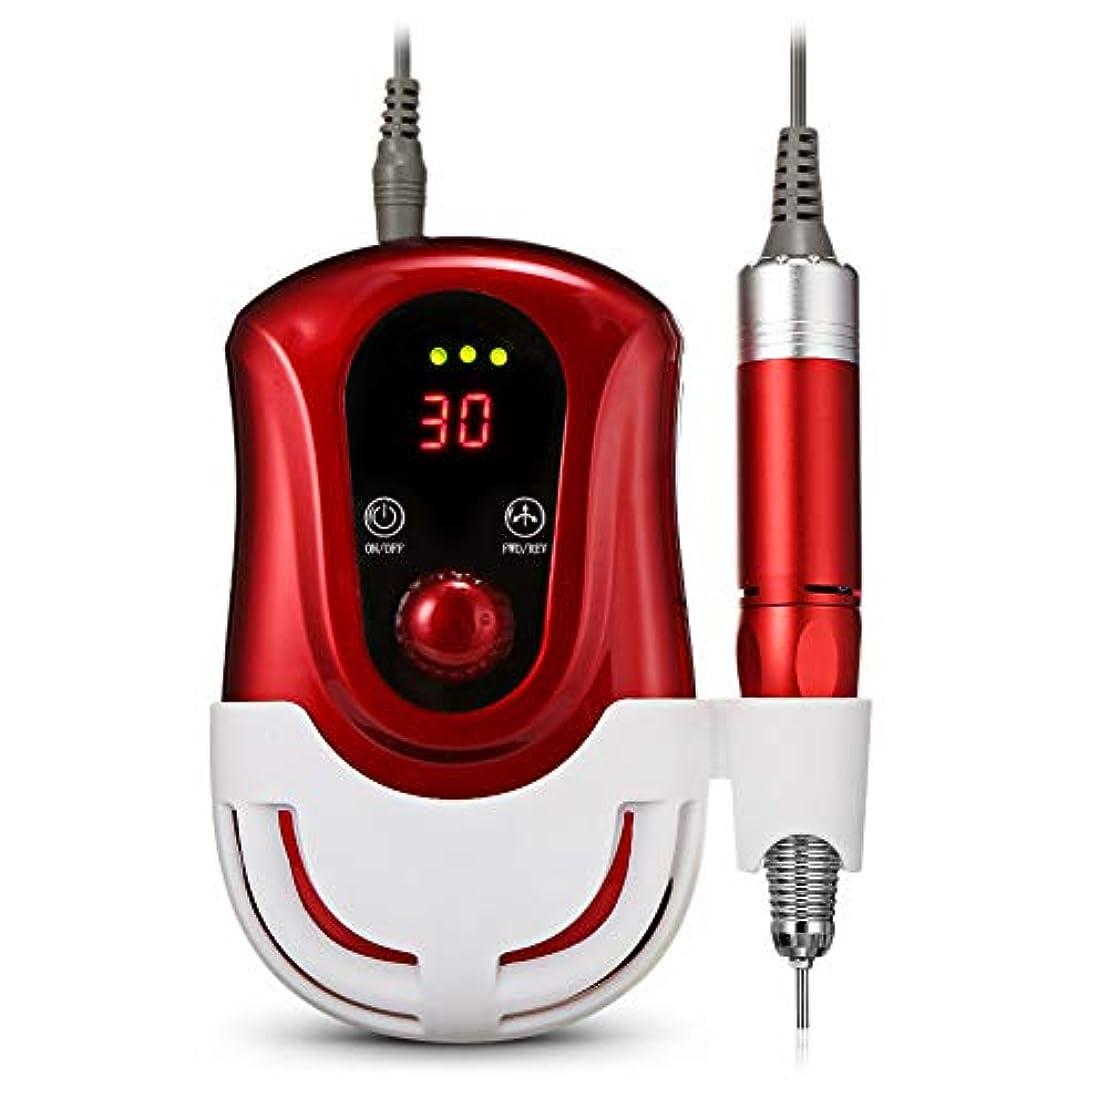 協力発生する患者68ワットプロフェッショナルネイル集塵機ネイルアート機器ネイル掃除機ダスト吸引機,Red